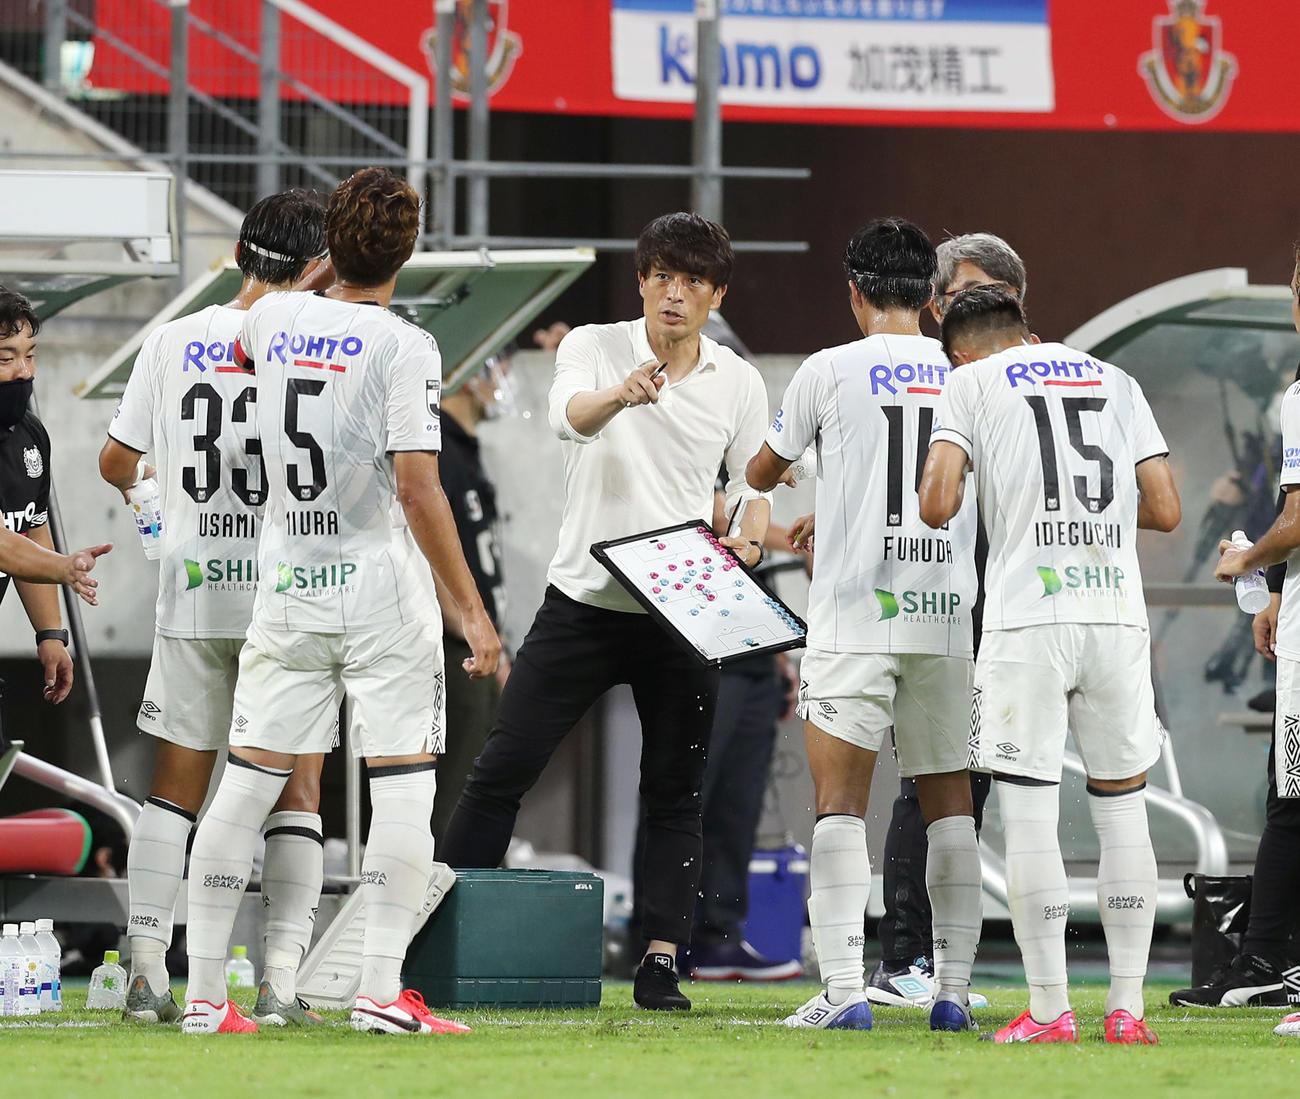 20年7月8日、名古屋戦の前半、給水タイム中に選手に指示を出すG大阪宮本監督(中央)